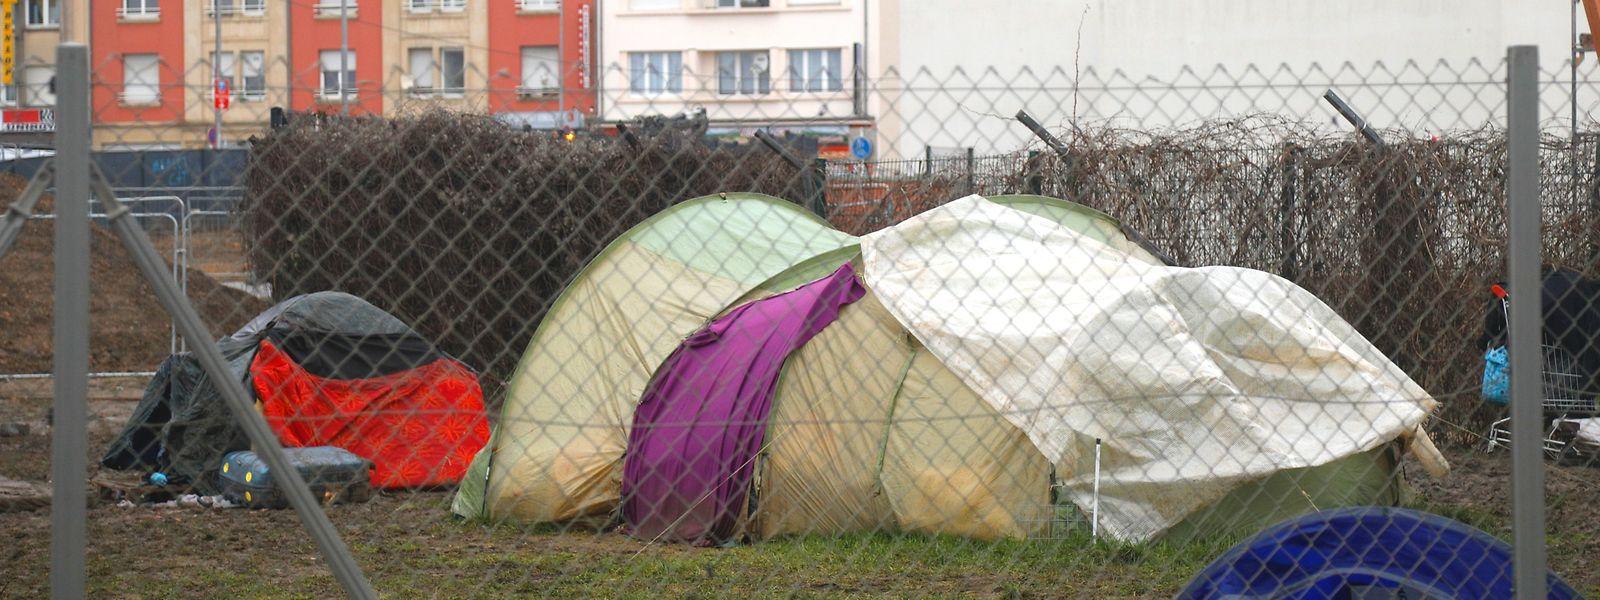 Aux abords de l'Abrigado, le campement sauvage témoigne de la précarité de nombreux usagers.